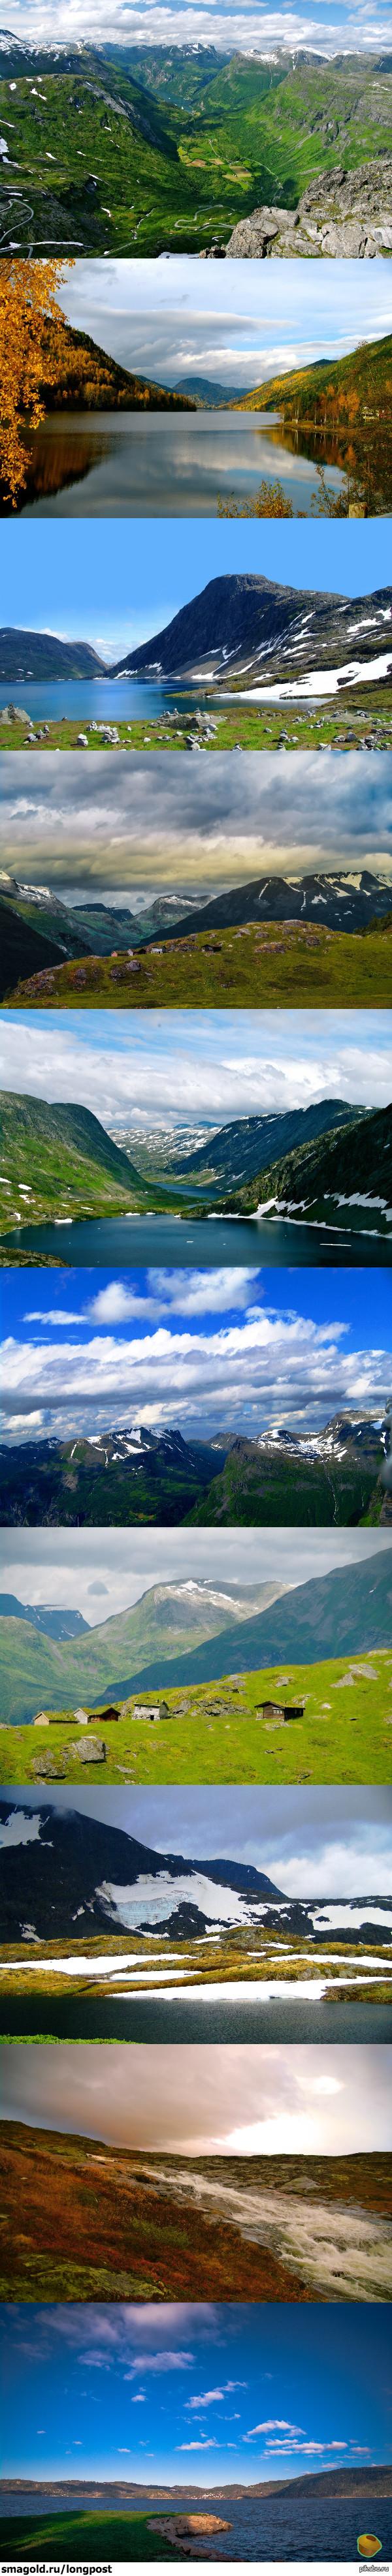 Роскошные пейзажи Норвегии - Страница 6 1424172661_1764094867